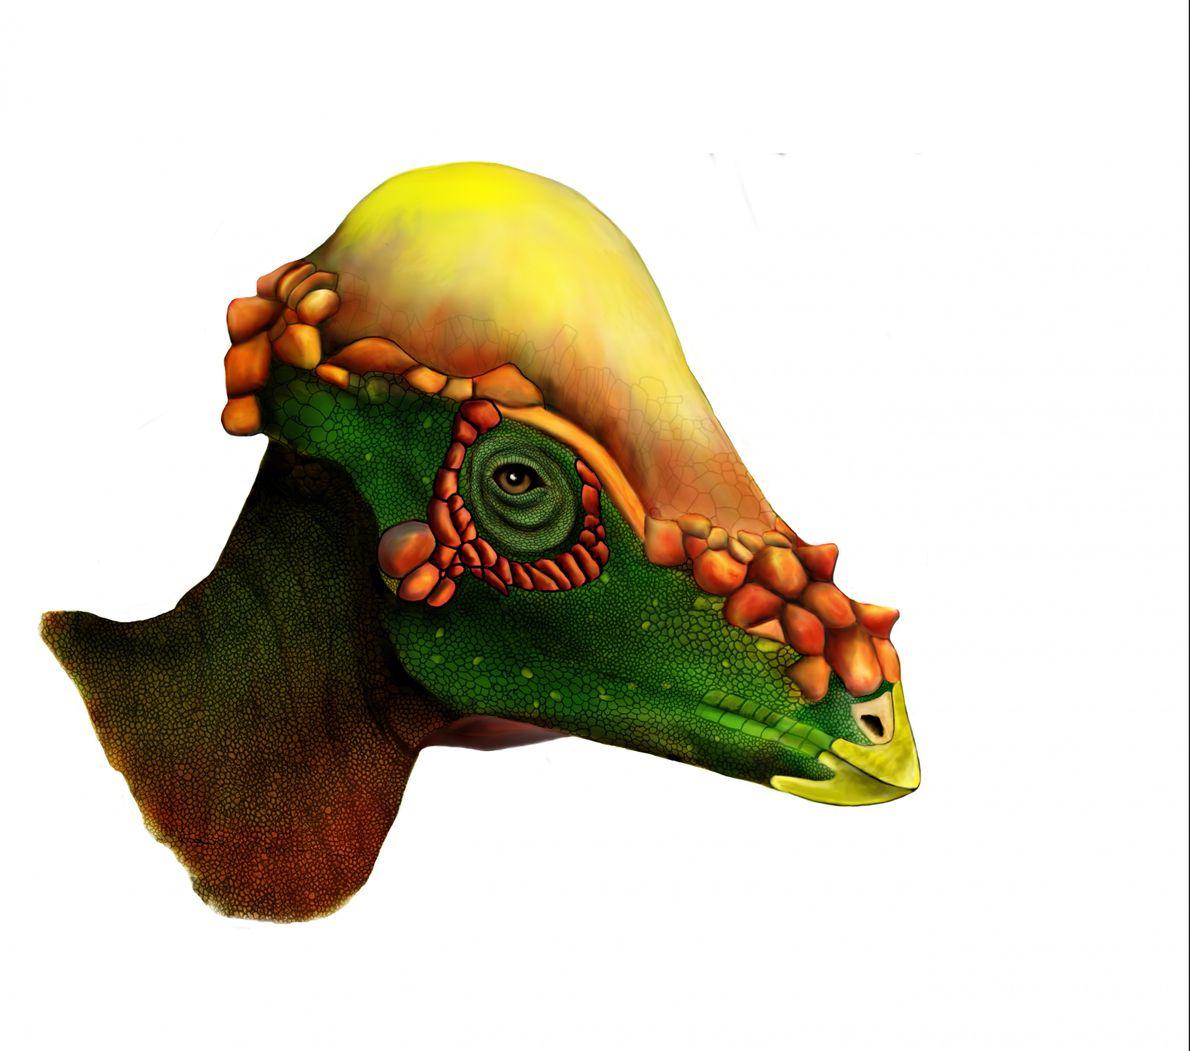 Ein ausgewachsener und vermutlich geschlechtsreifer Pachycephalosaurus hatte eine breitere Schädelwölbung. Die schmückenden Elemente an der Hinterseite ...